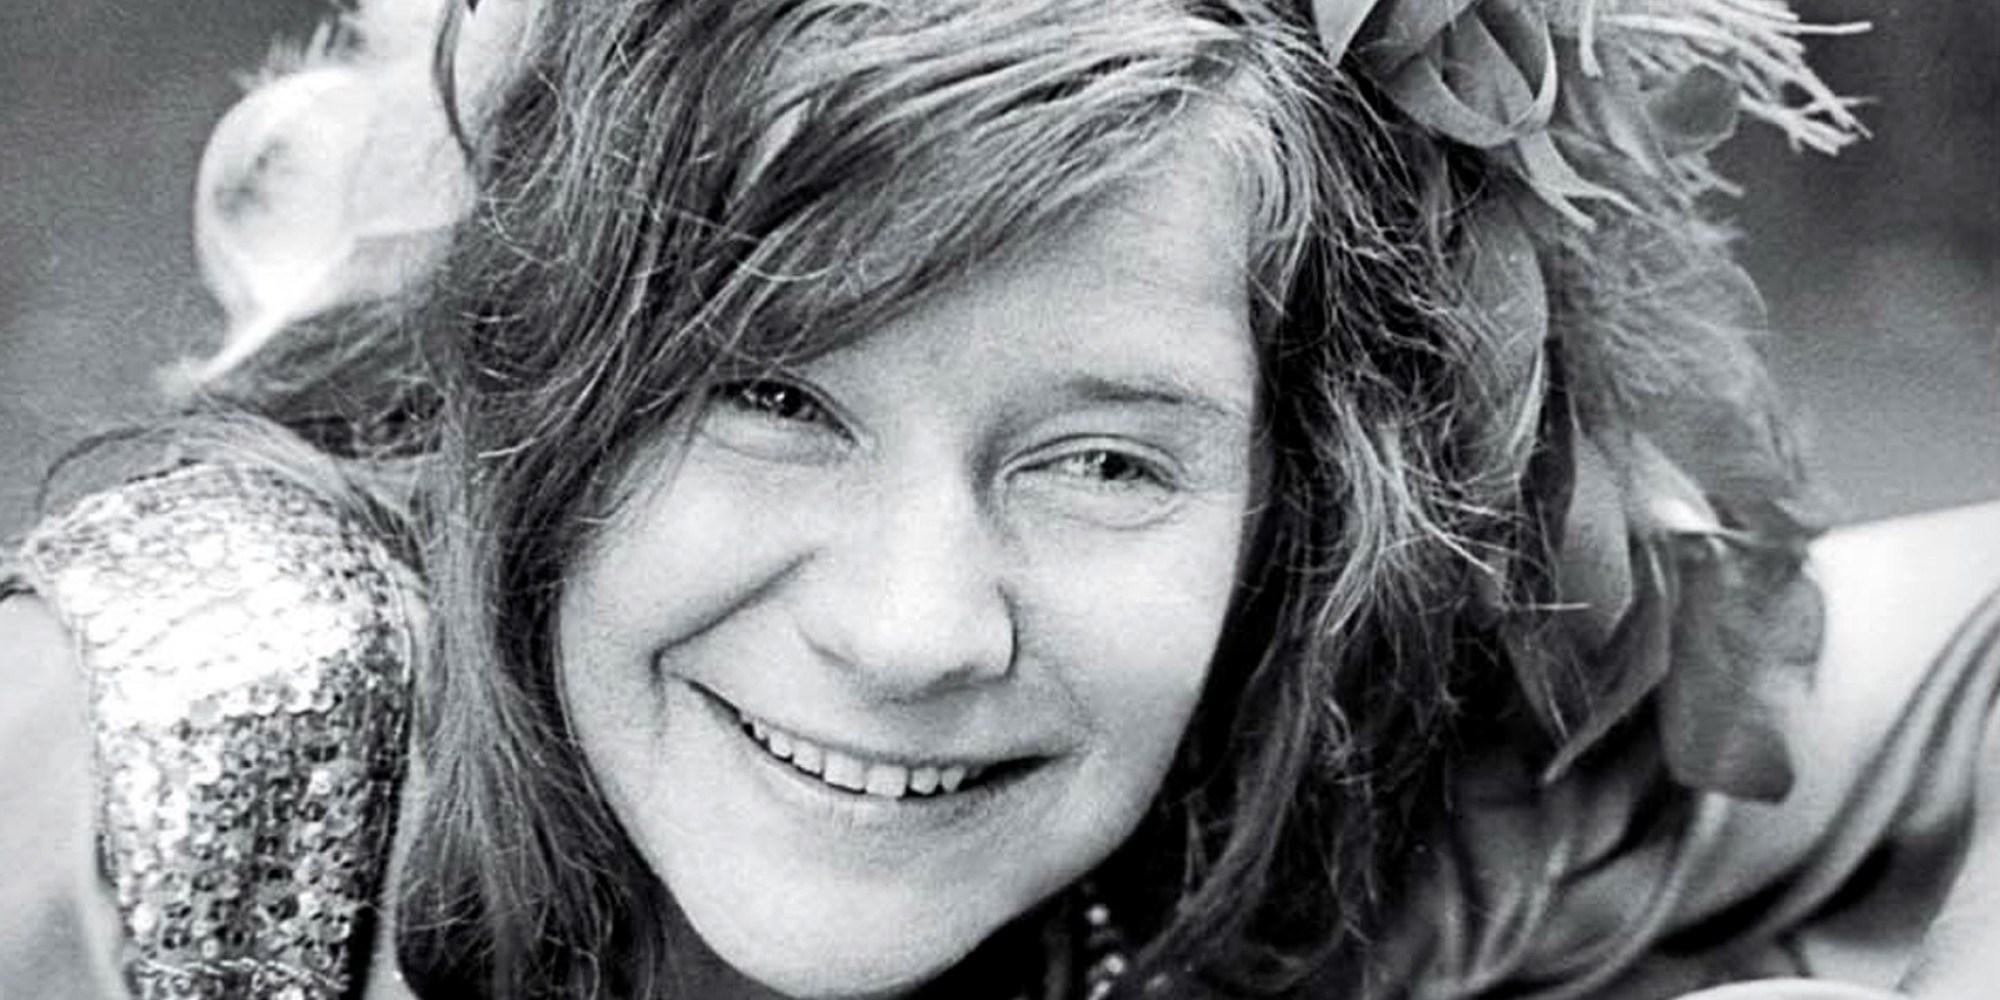 ¿Quién es esa chica? Vida y obra de Janis Joplin - Radio Cantilo